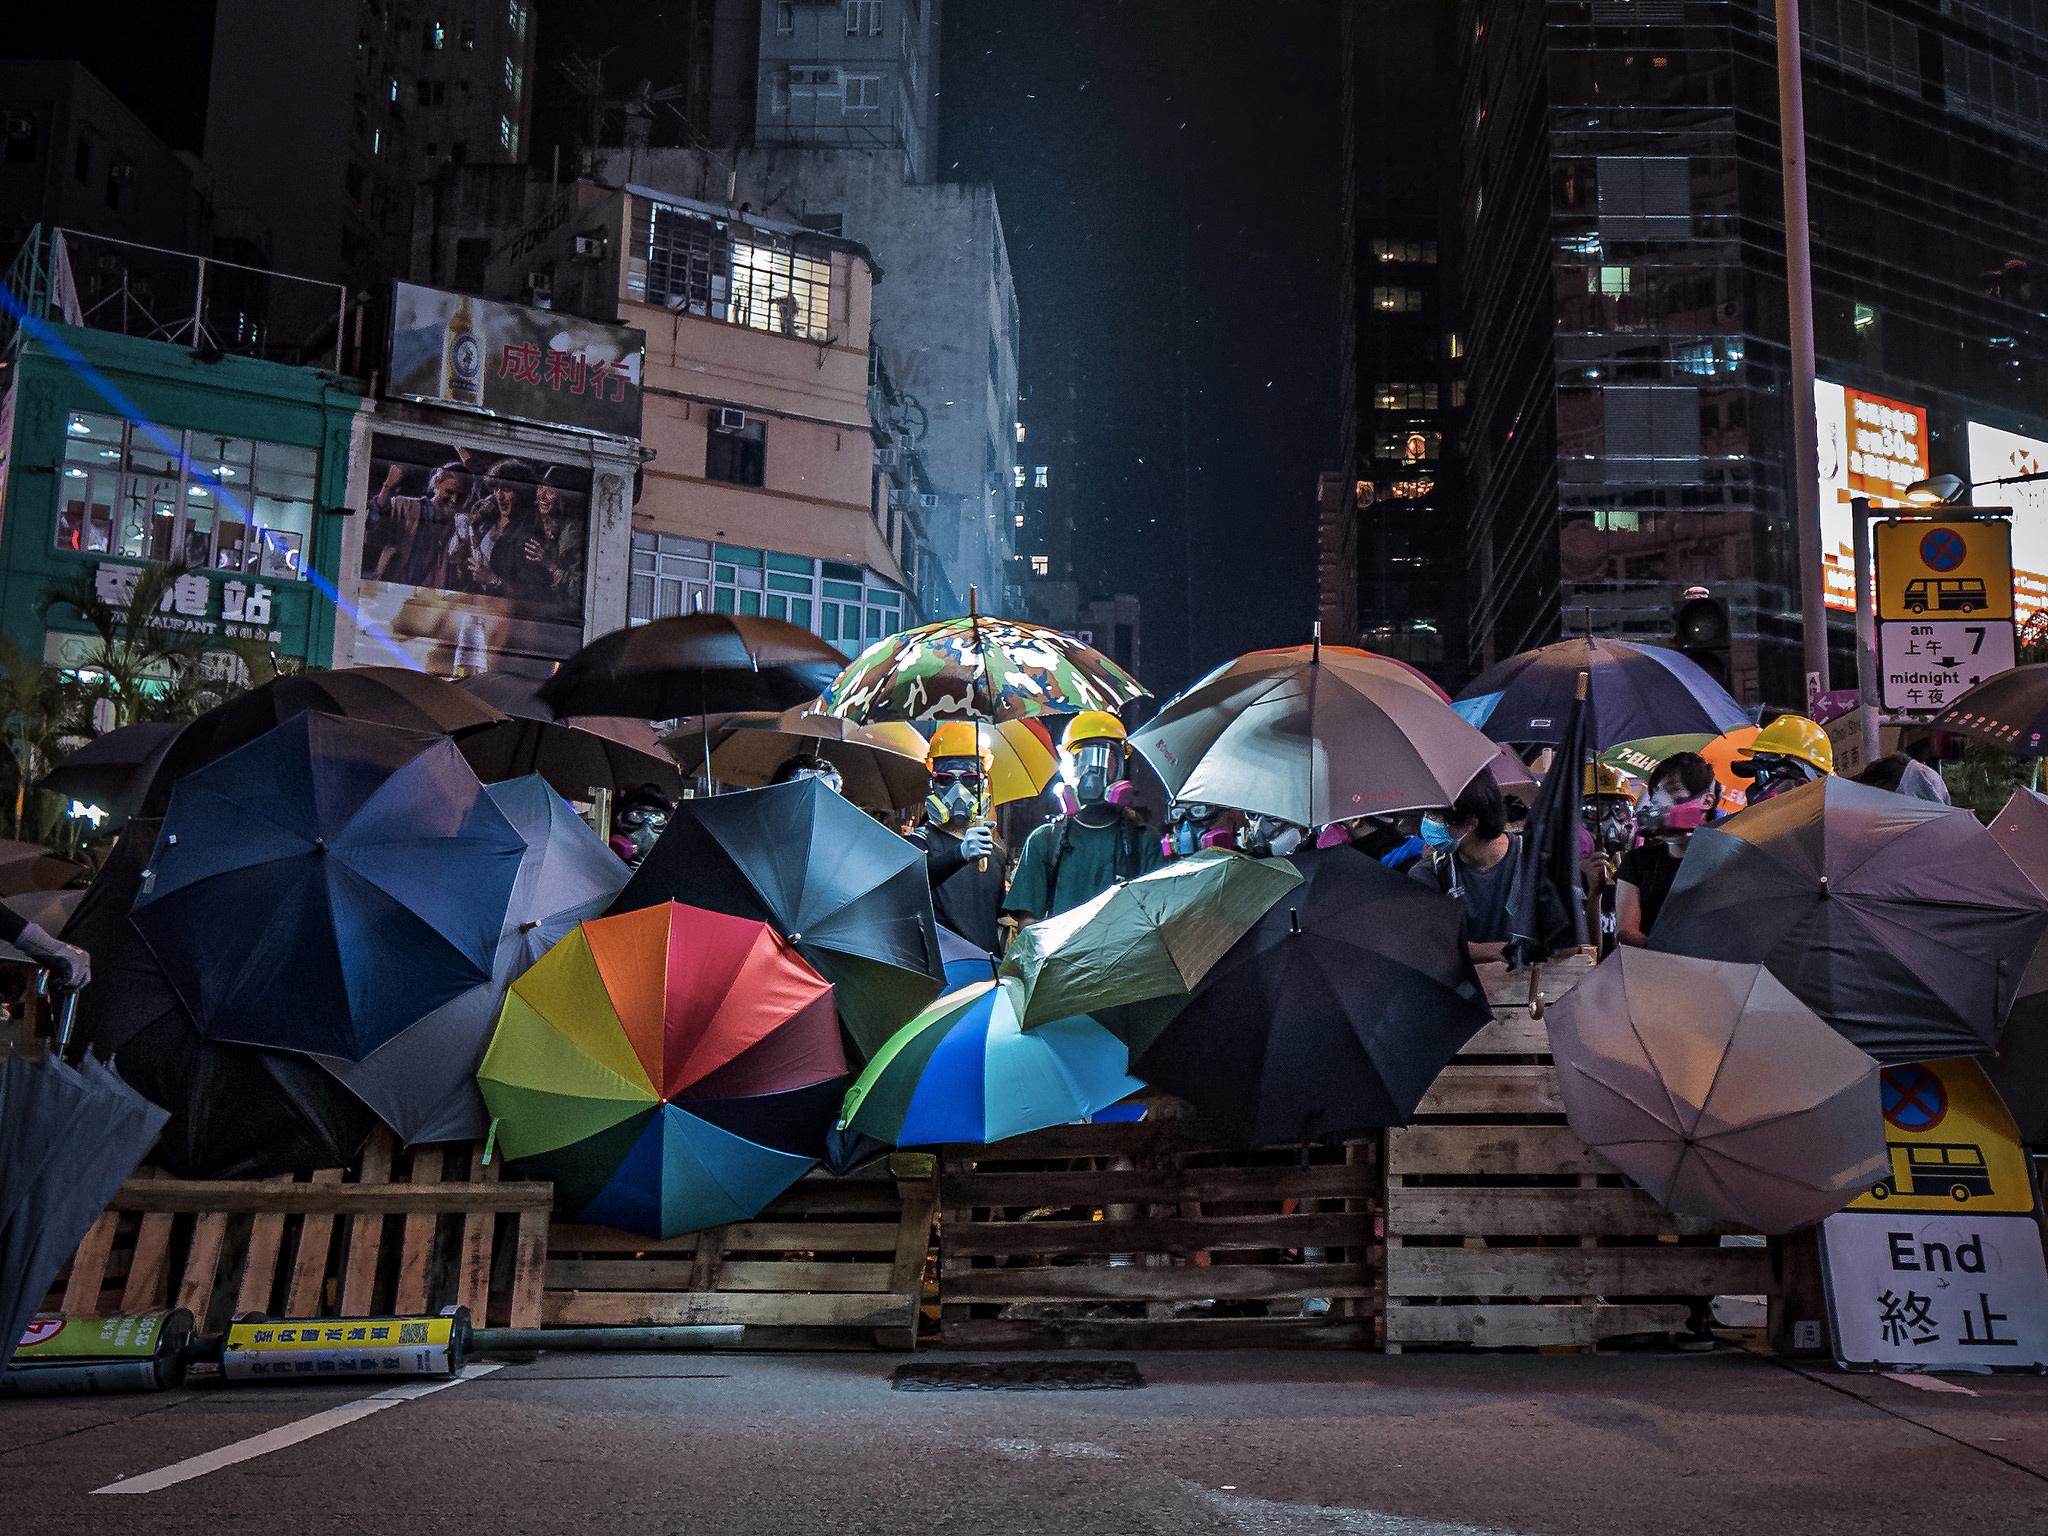 Menschen mit Regenschirmen an einer Barrikade